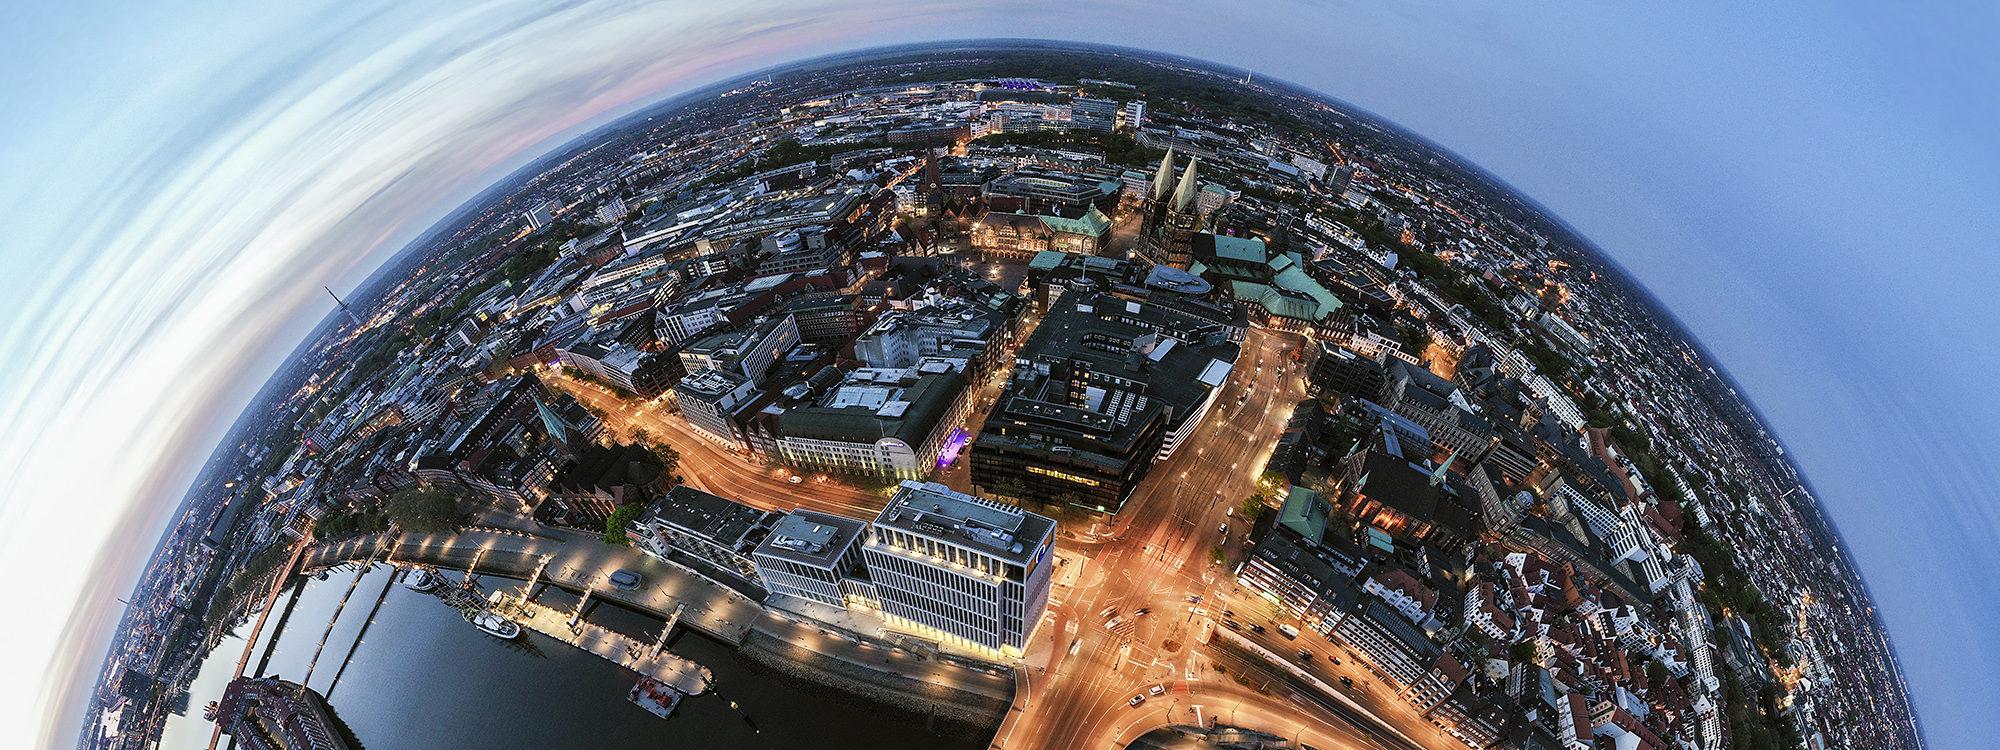 Luftbild der Bremer Innenstadt mit dem kühne und Nagel Gebäude